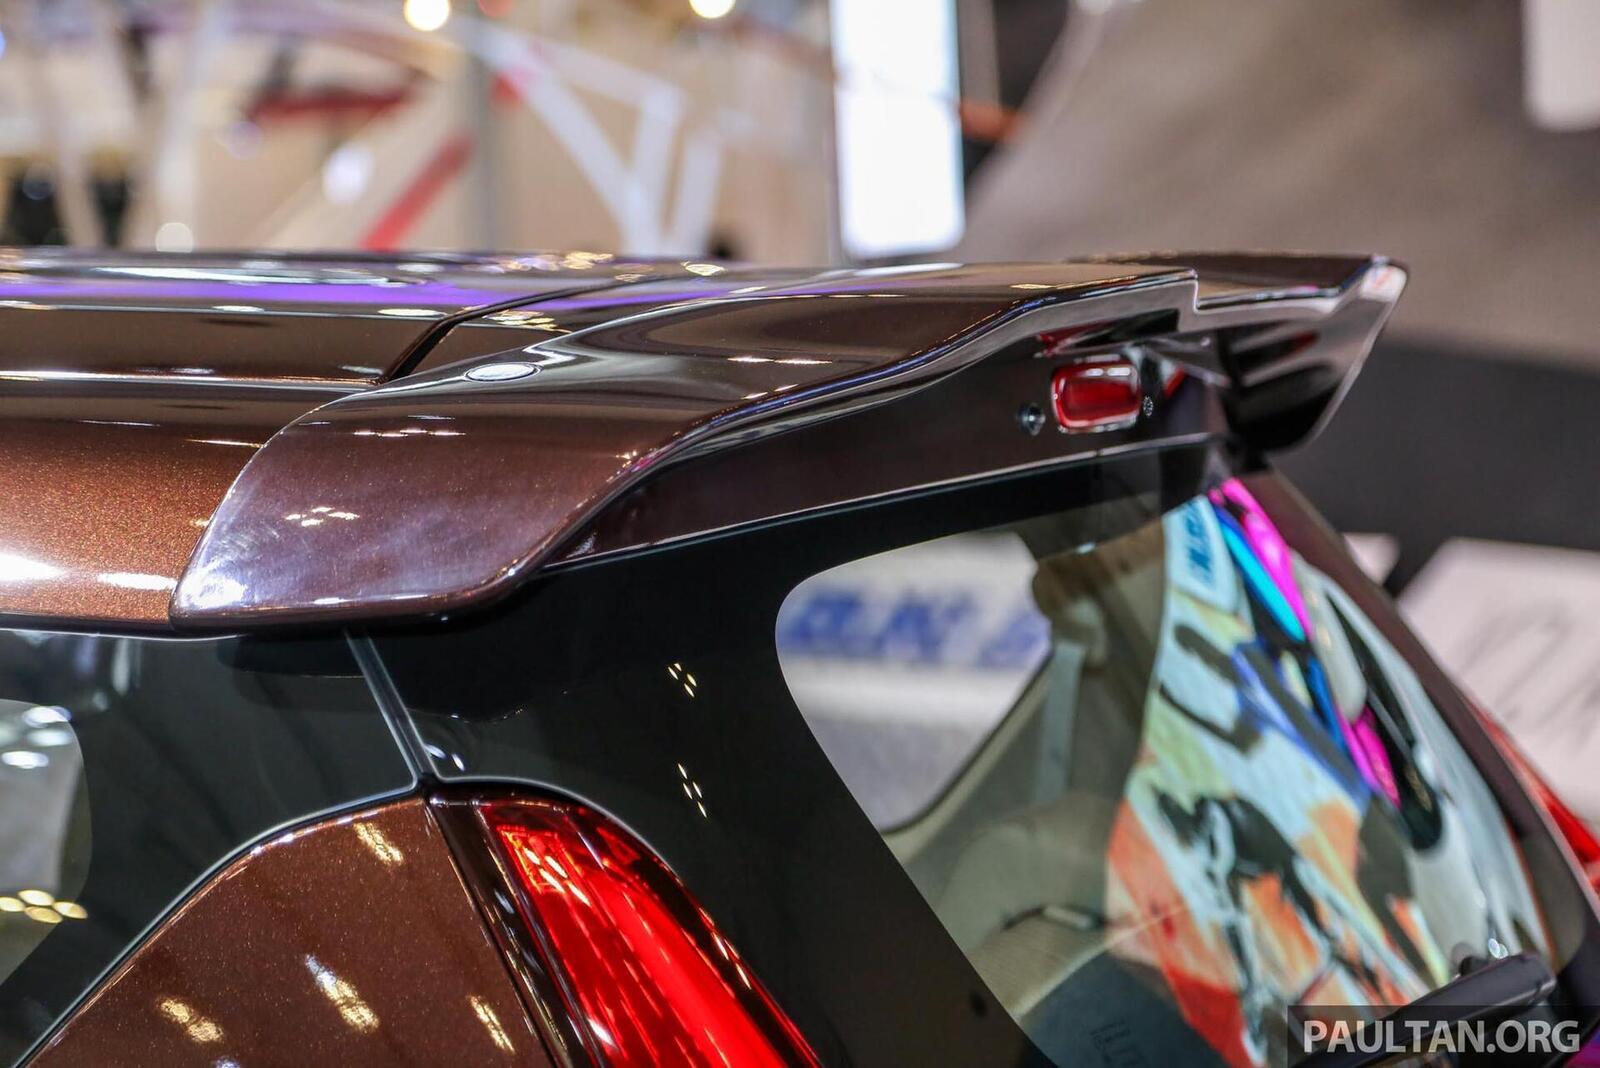 Suzuki Ertiga thế hệ mới có giá từ 486 triệu đồng tại Thái Lan; chưa hẹn ngày về Việt Nam - Hình 21